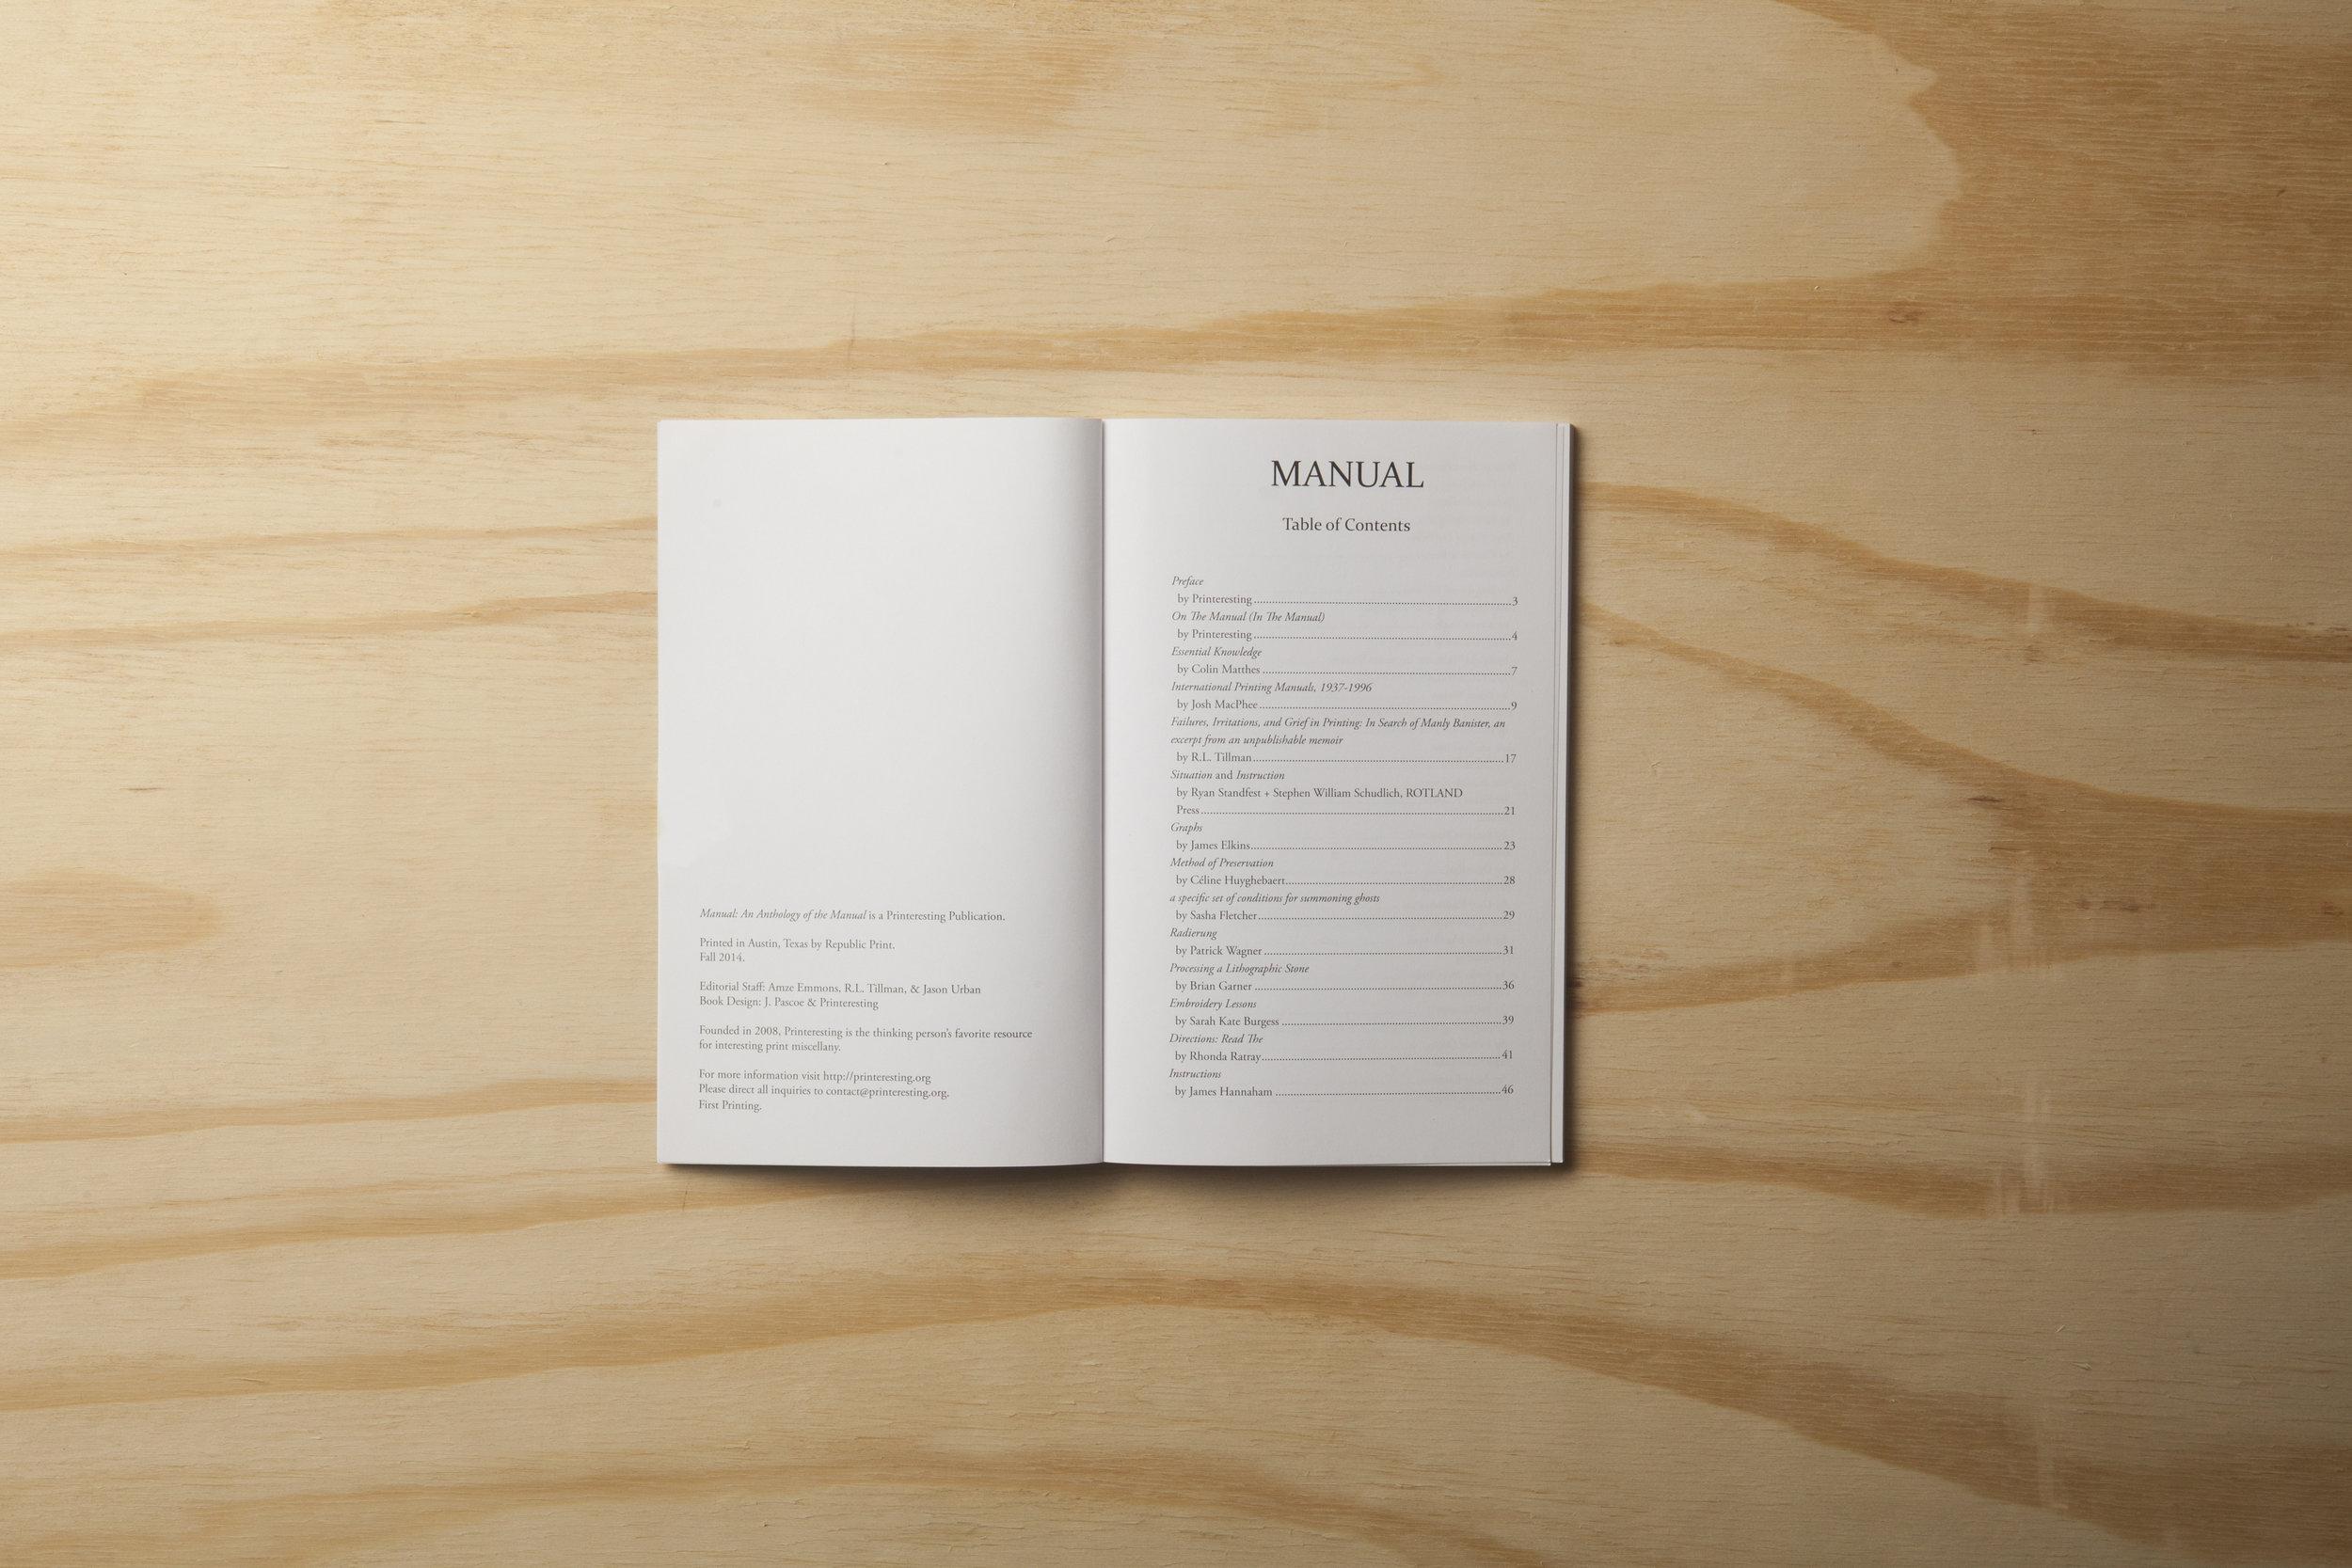 Manual2.jpg